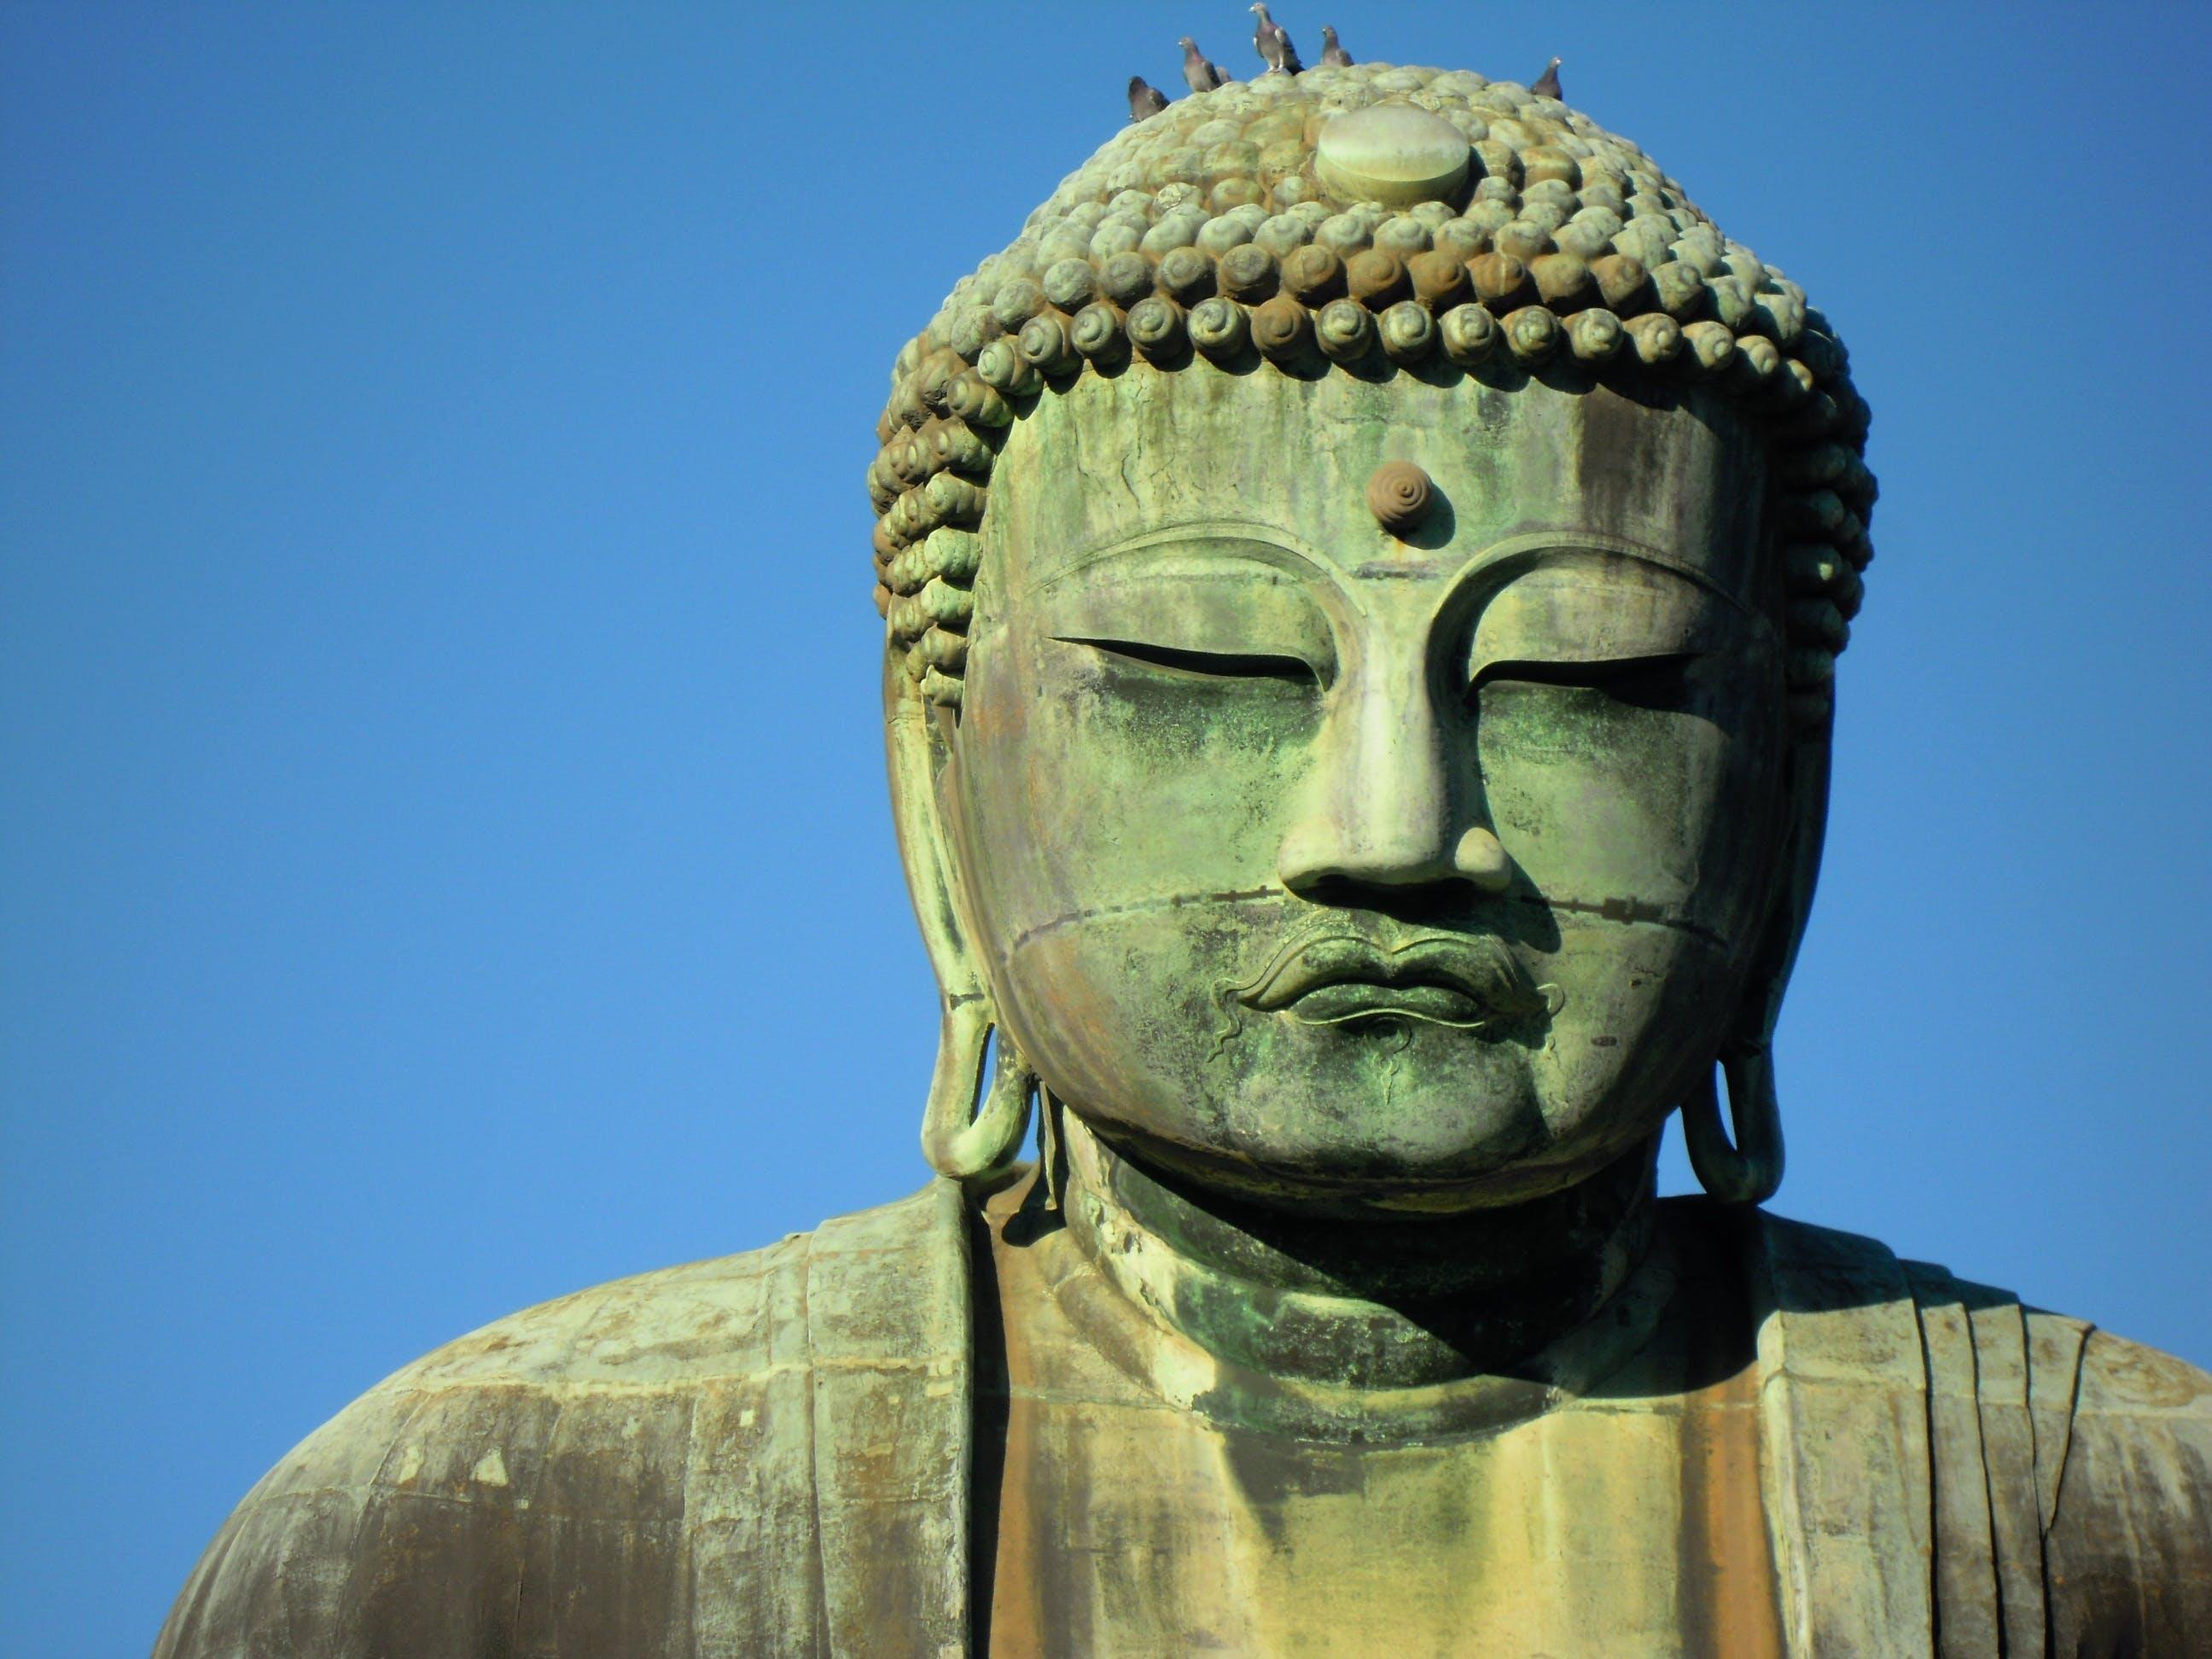 Free stock photo of big buddha, blue sky, great buddha of kamakura, kamakura